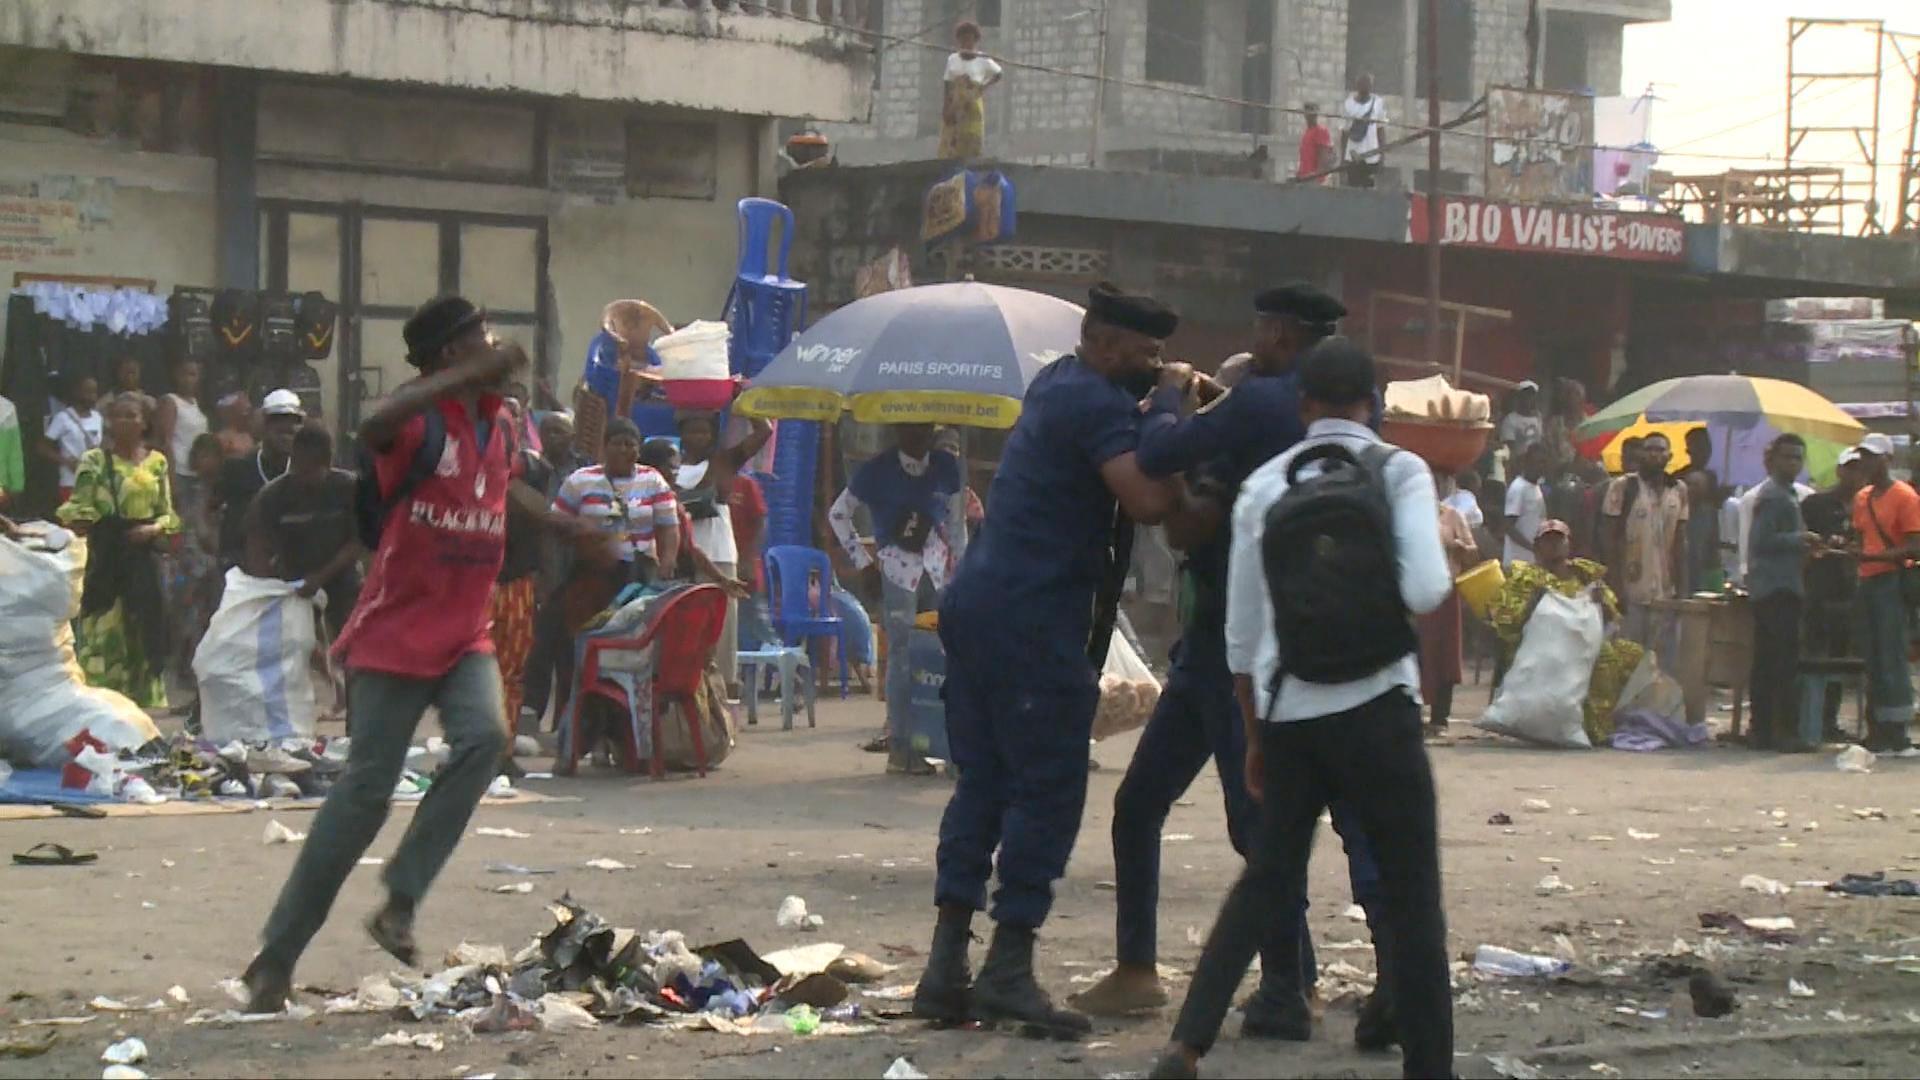 Une manifestation de l'opposition violemment réprimée en RD Congo